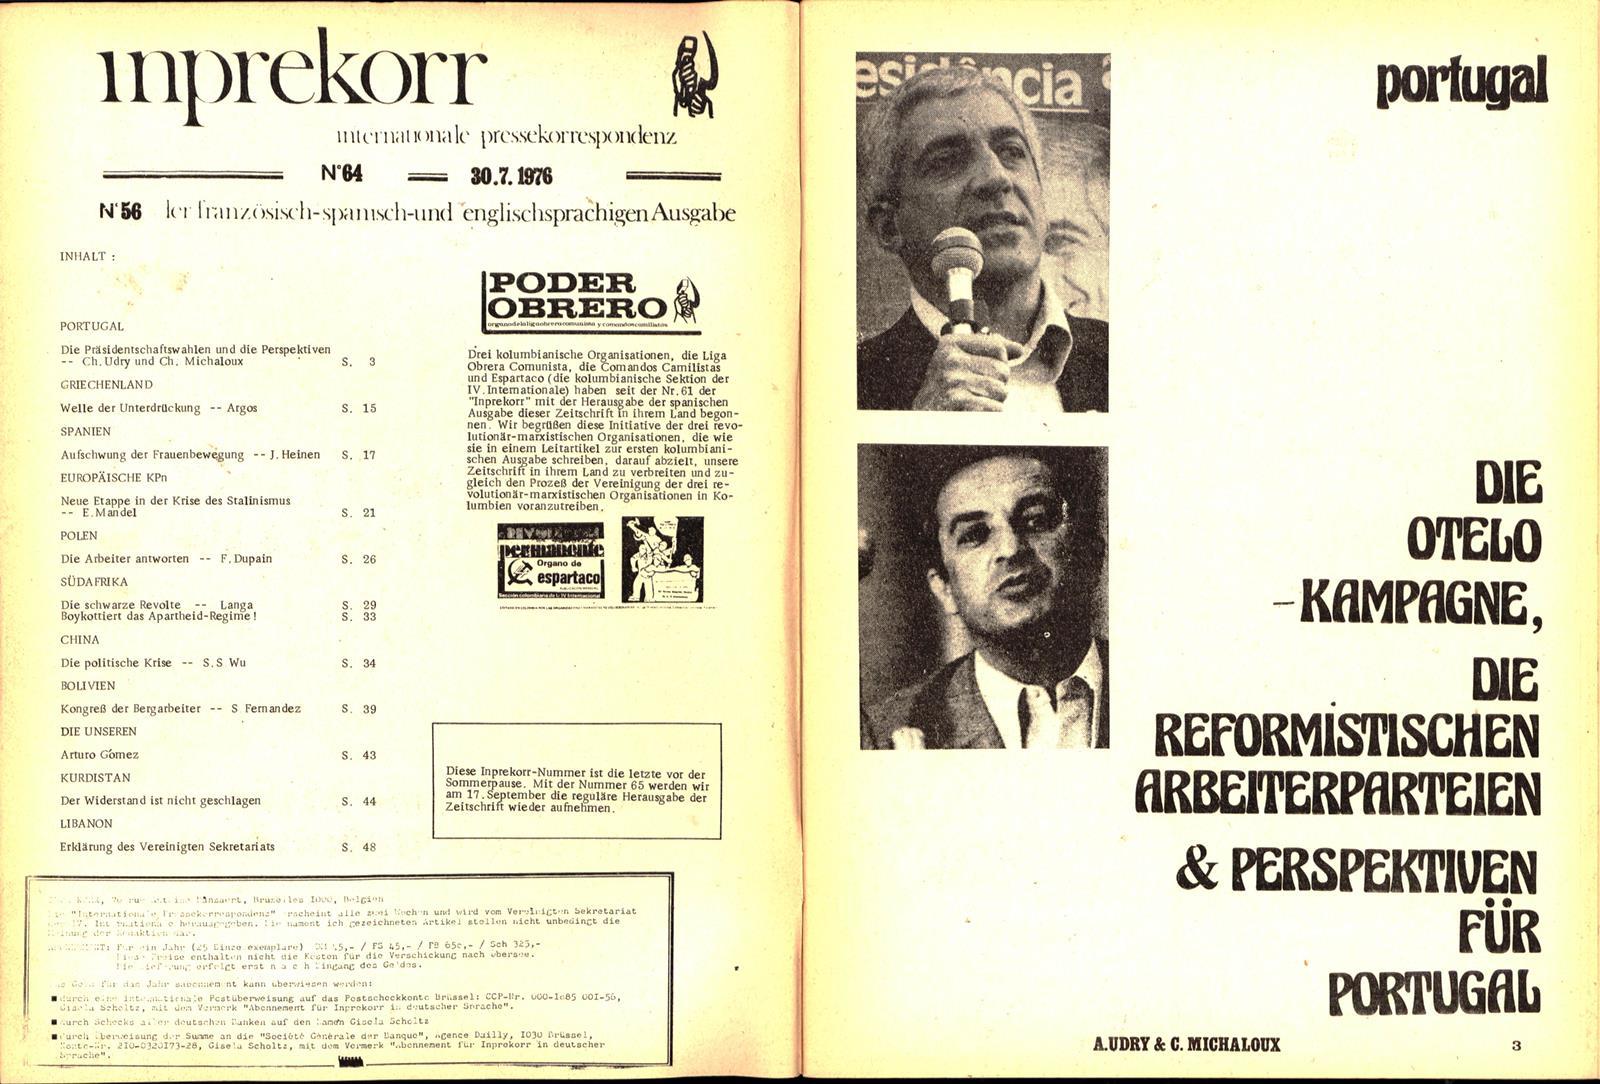 Inprekorr_19760730_064_002